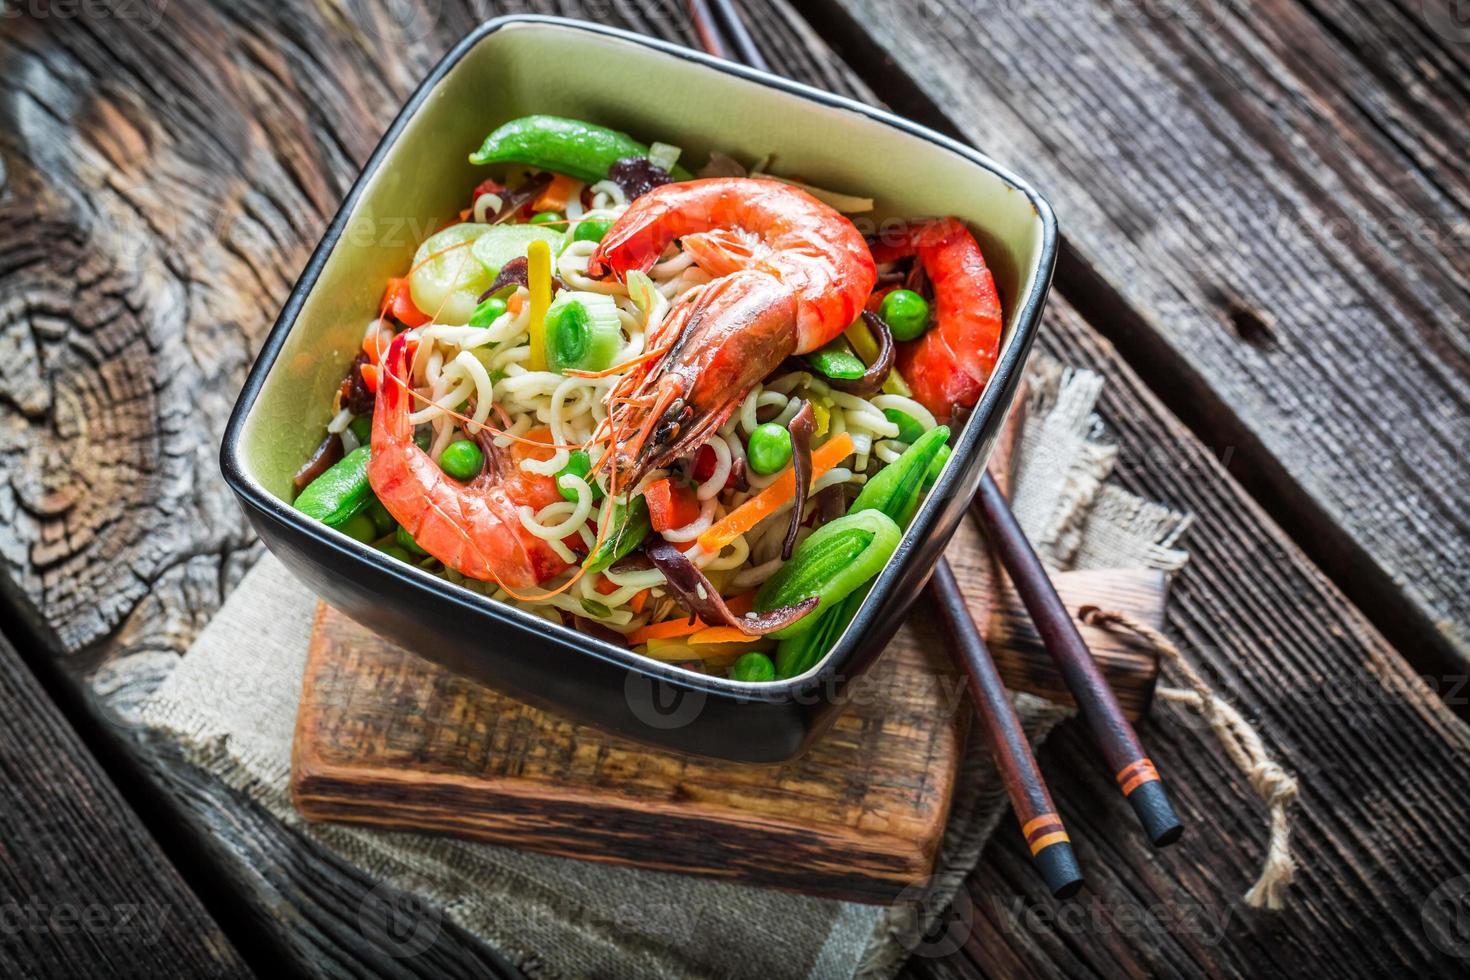 crevettes et légumes frais aux nouilles photo